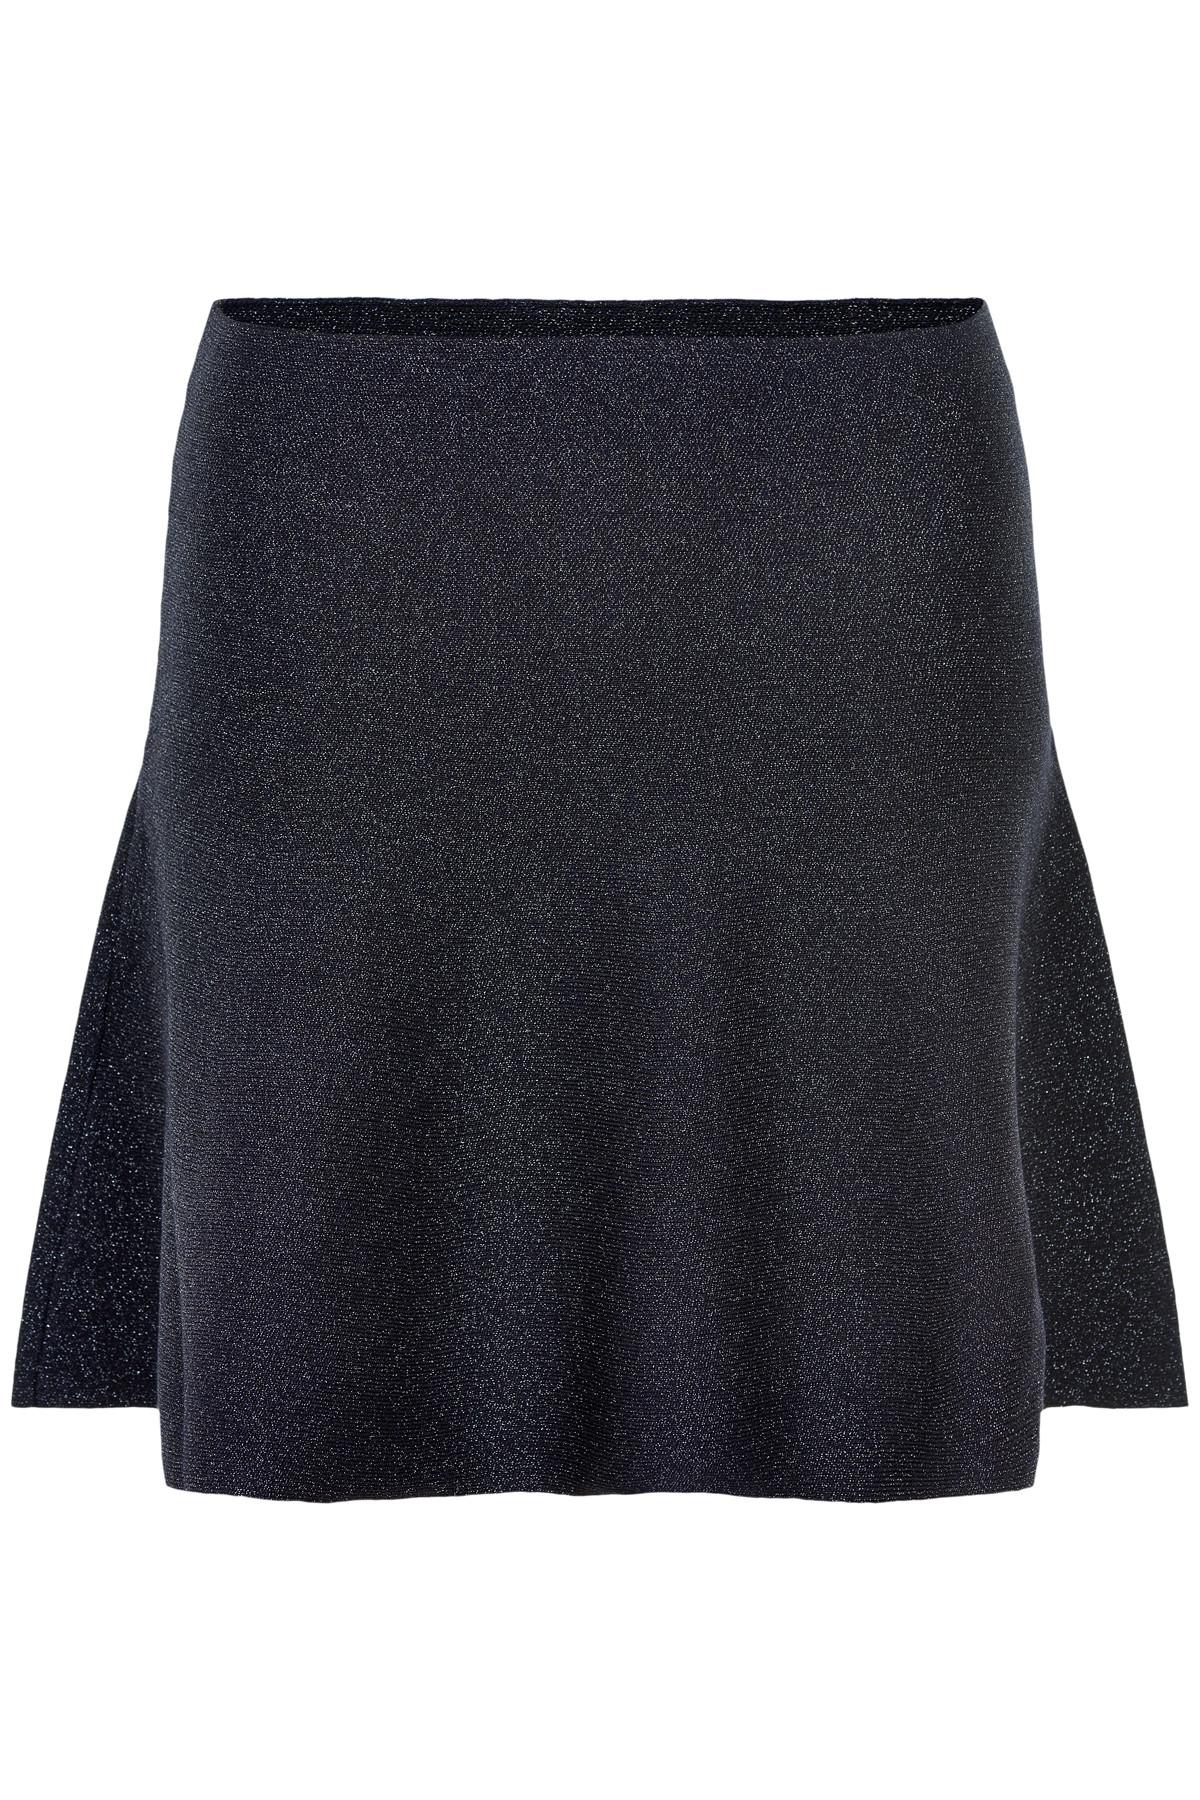 015052 Chili Stripe Dress Navy Neo Noir